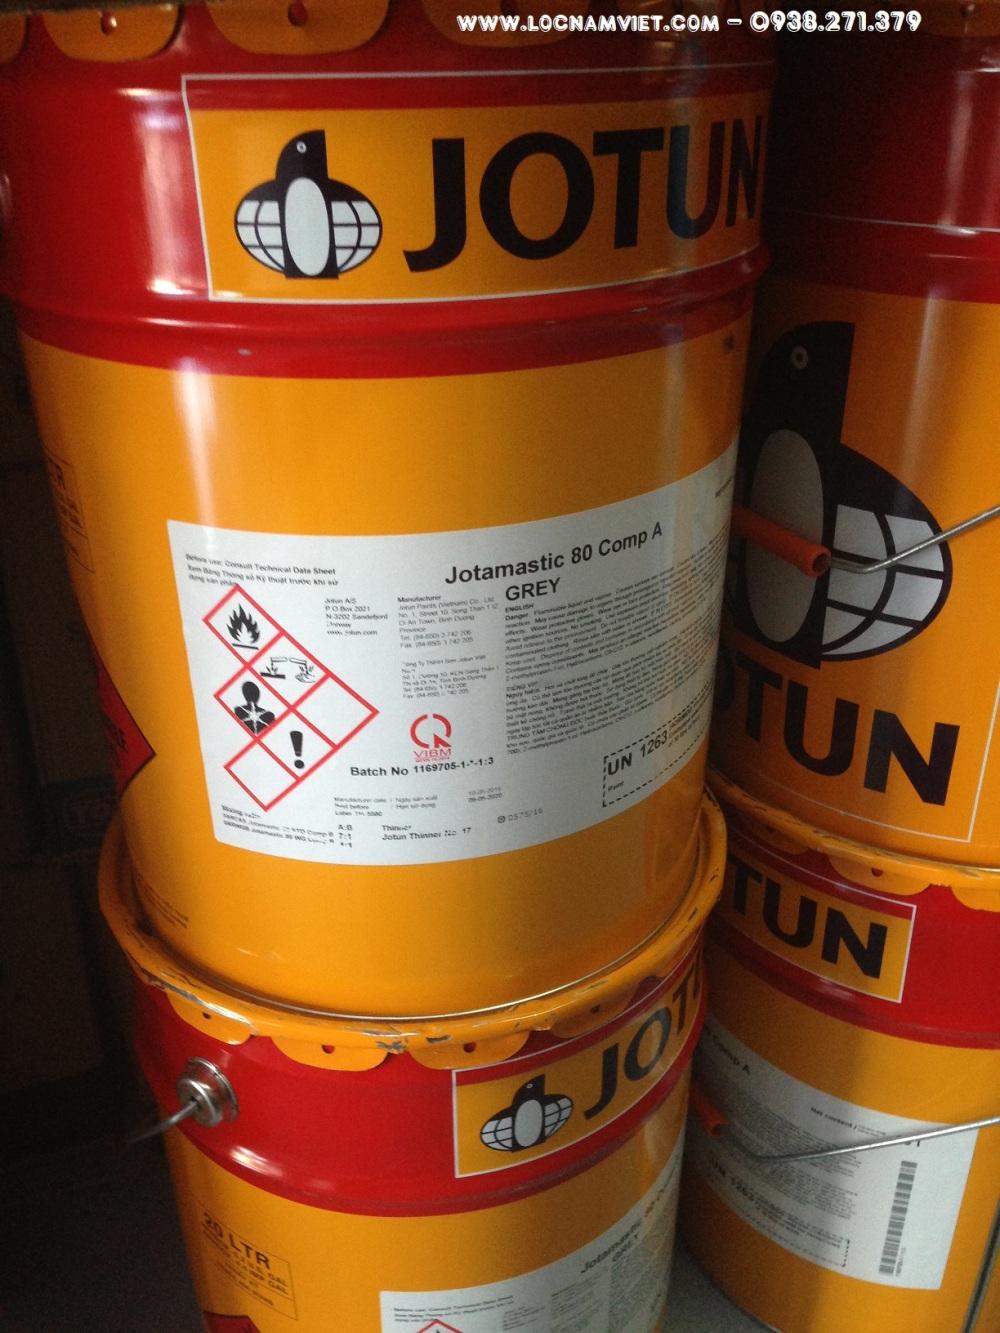 SON JOTUN JOTAMASTIC 80 20L- (2)